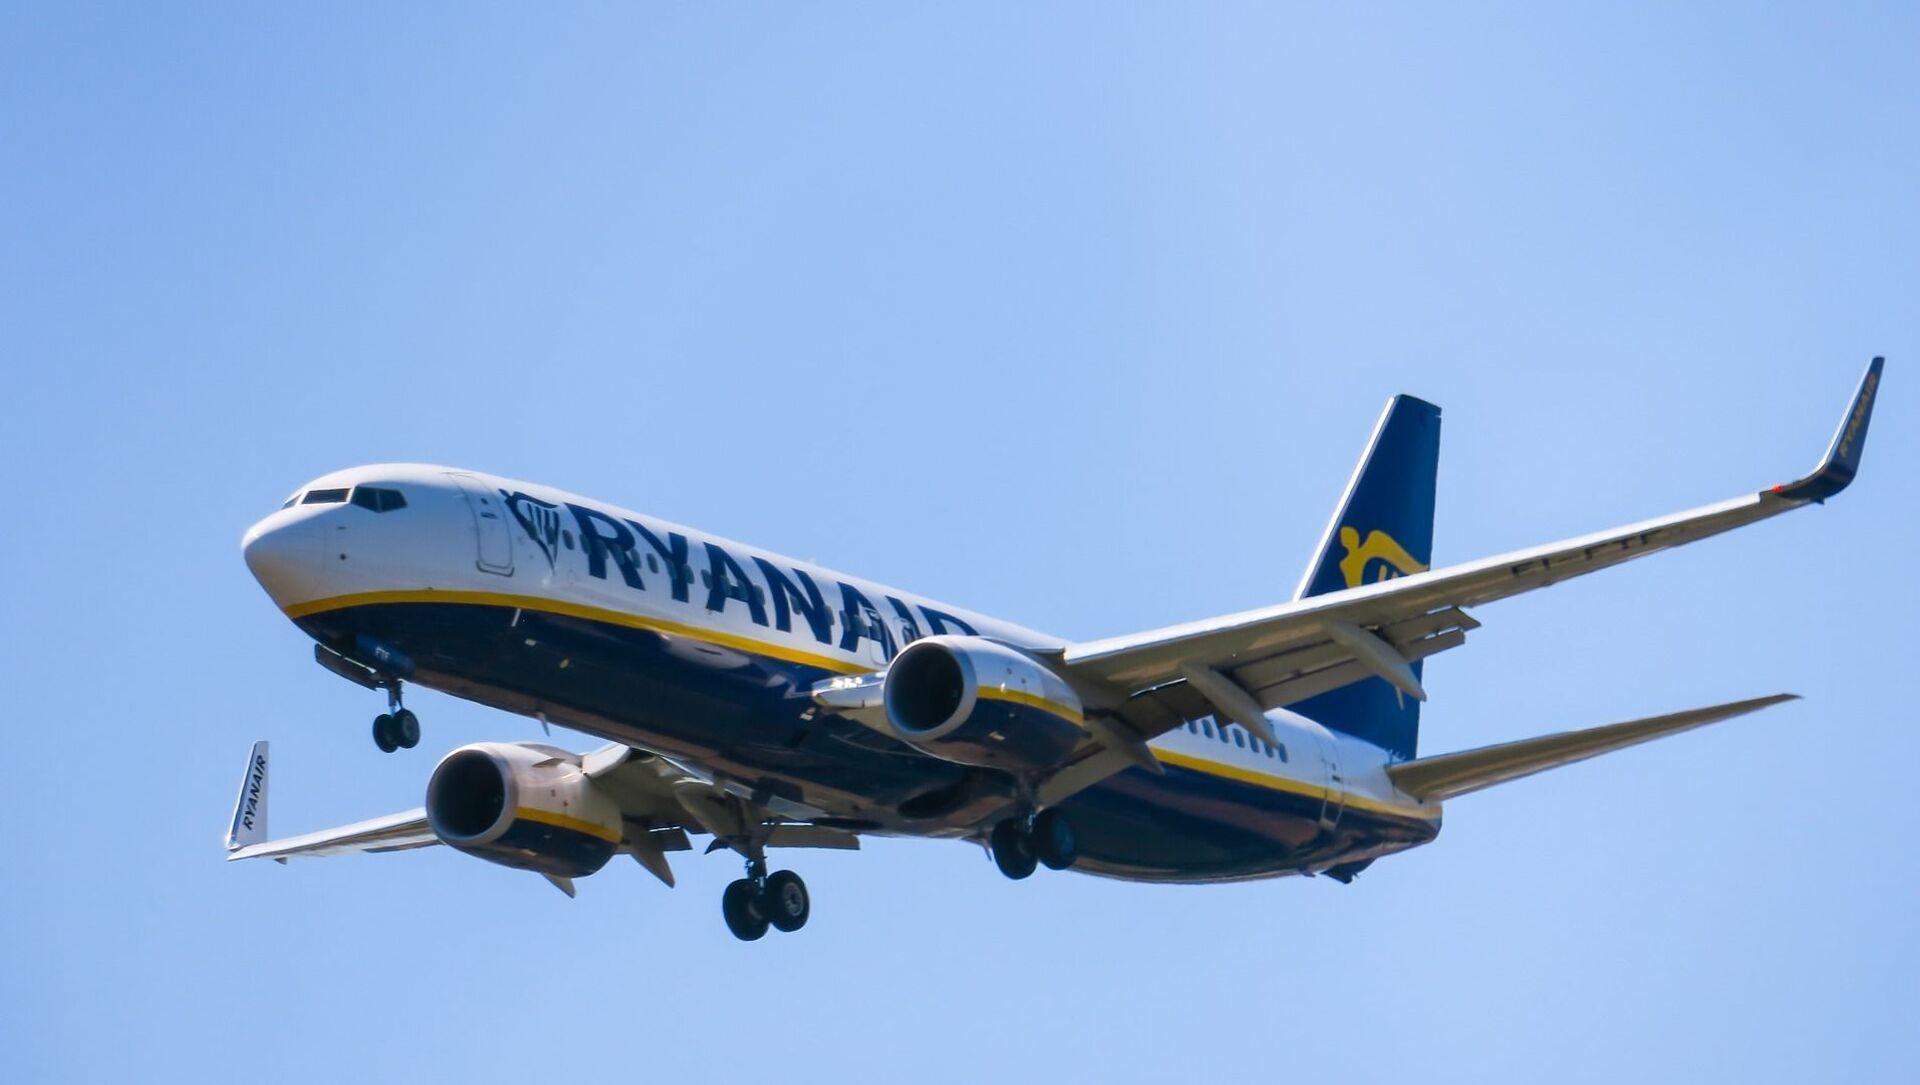 Un Boeing 737 de Ryanair  - Sputnik France, 1920, 08.09.2021